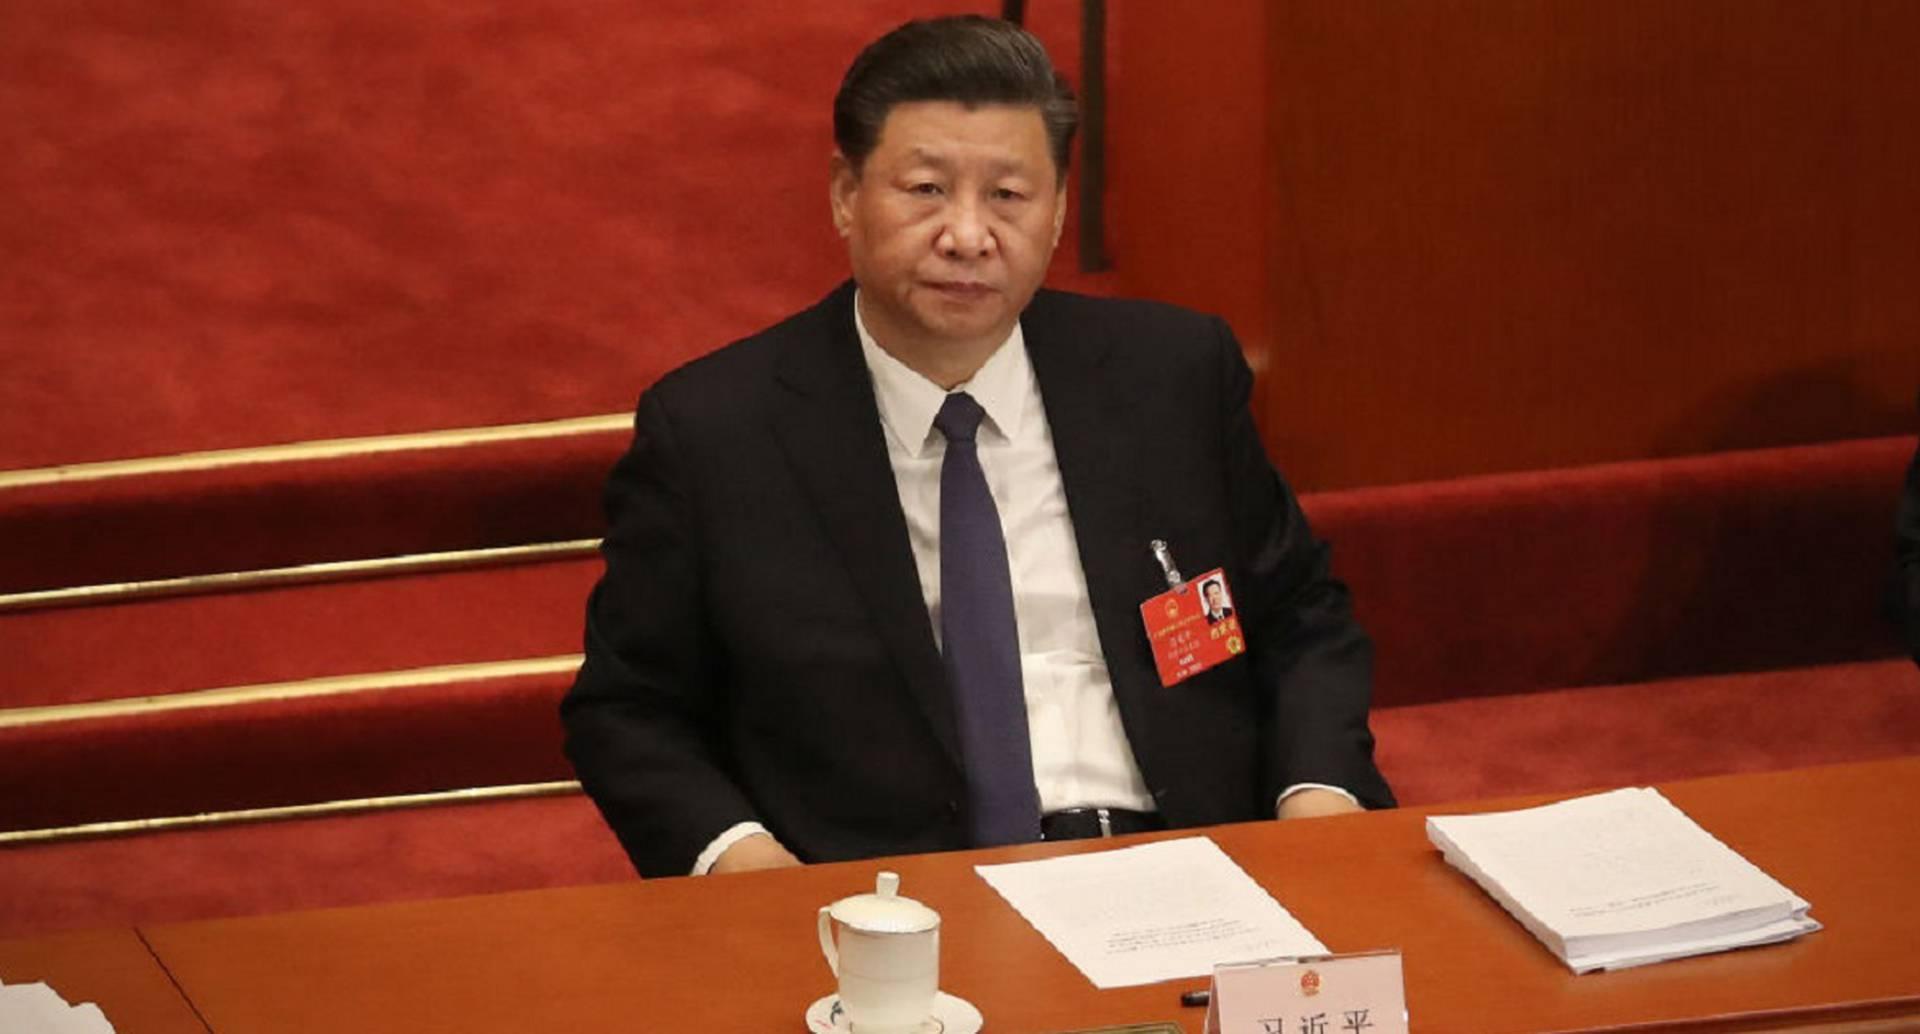 Presidente de China, Xi Jinping, anuncia  reducción de emisiones contaminantes